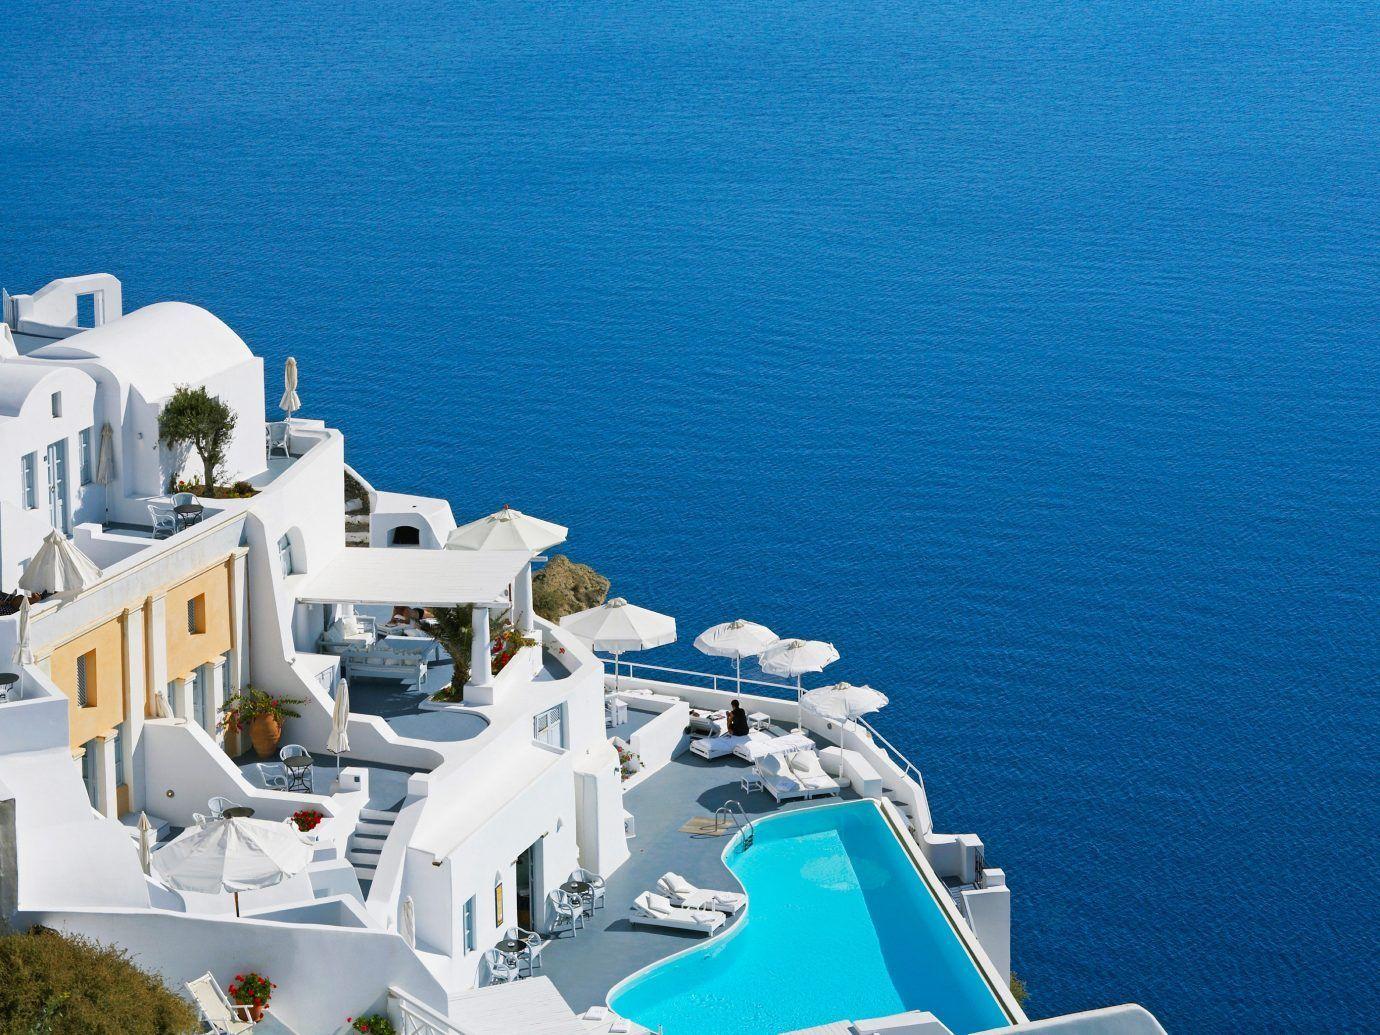 The 7 Best Hotels In Santorini Greece 2019 Best Hotels